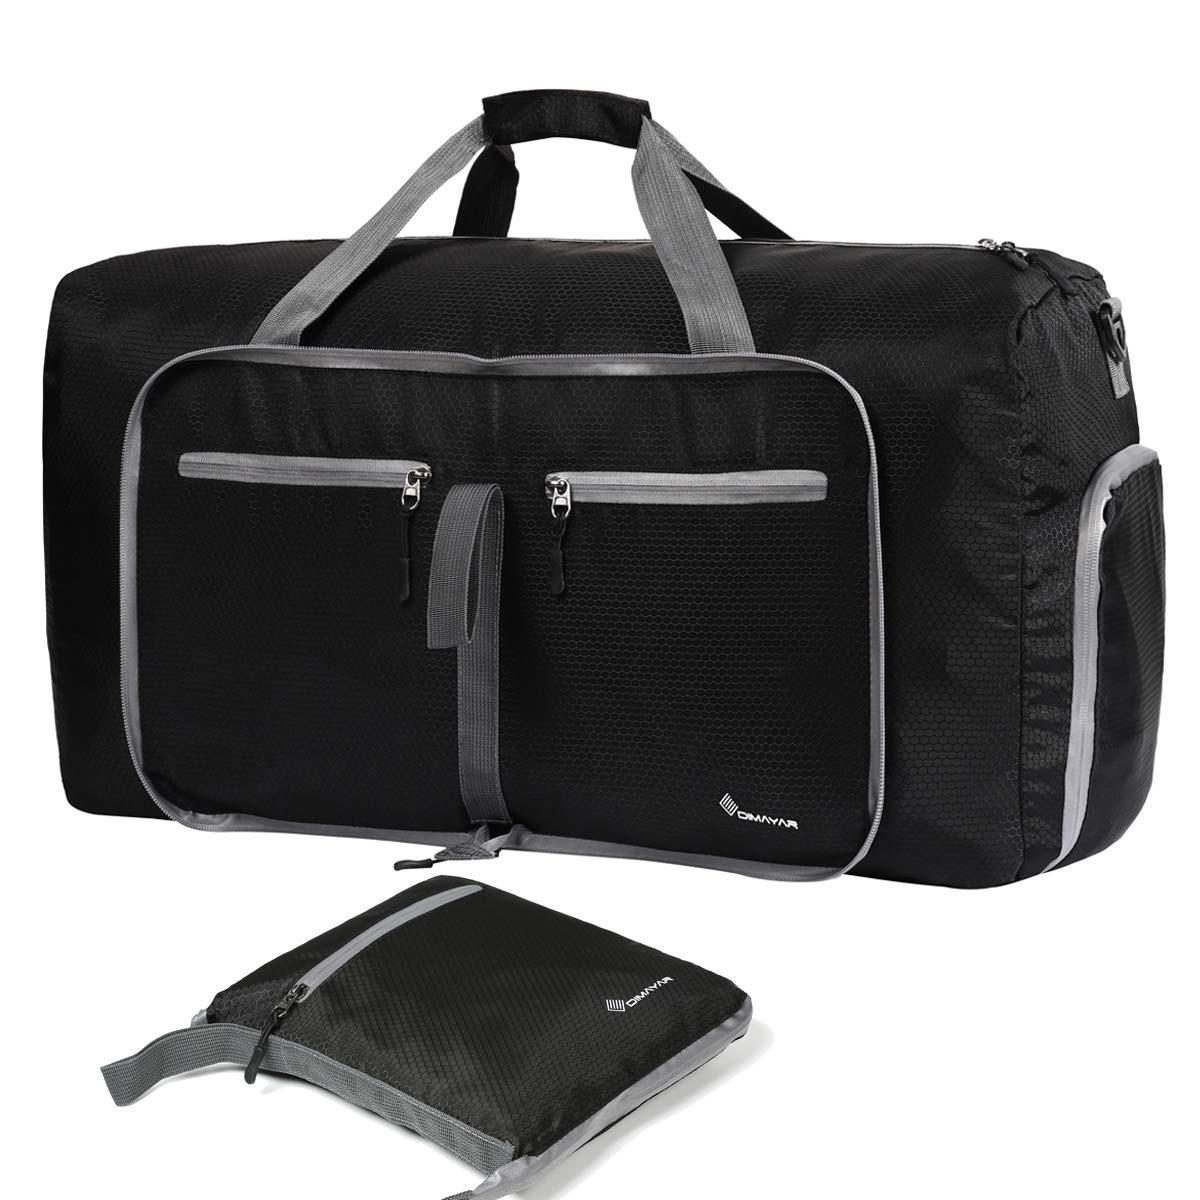 mirada detallada 1674e 2cfe3 Duffle Bag Dimayar - Bolsa De Viaje Para Hombre Y Mujer (